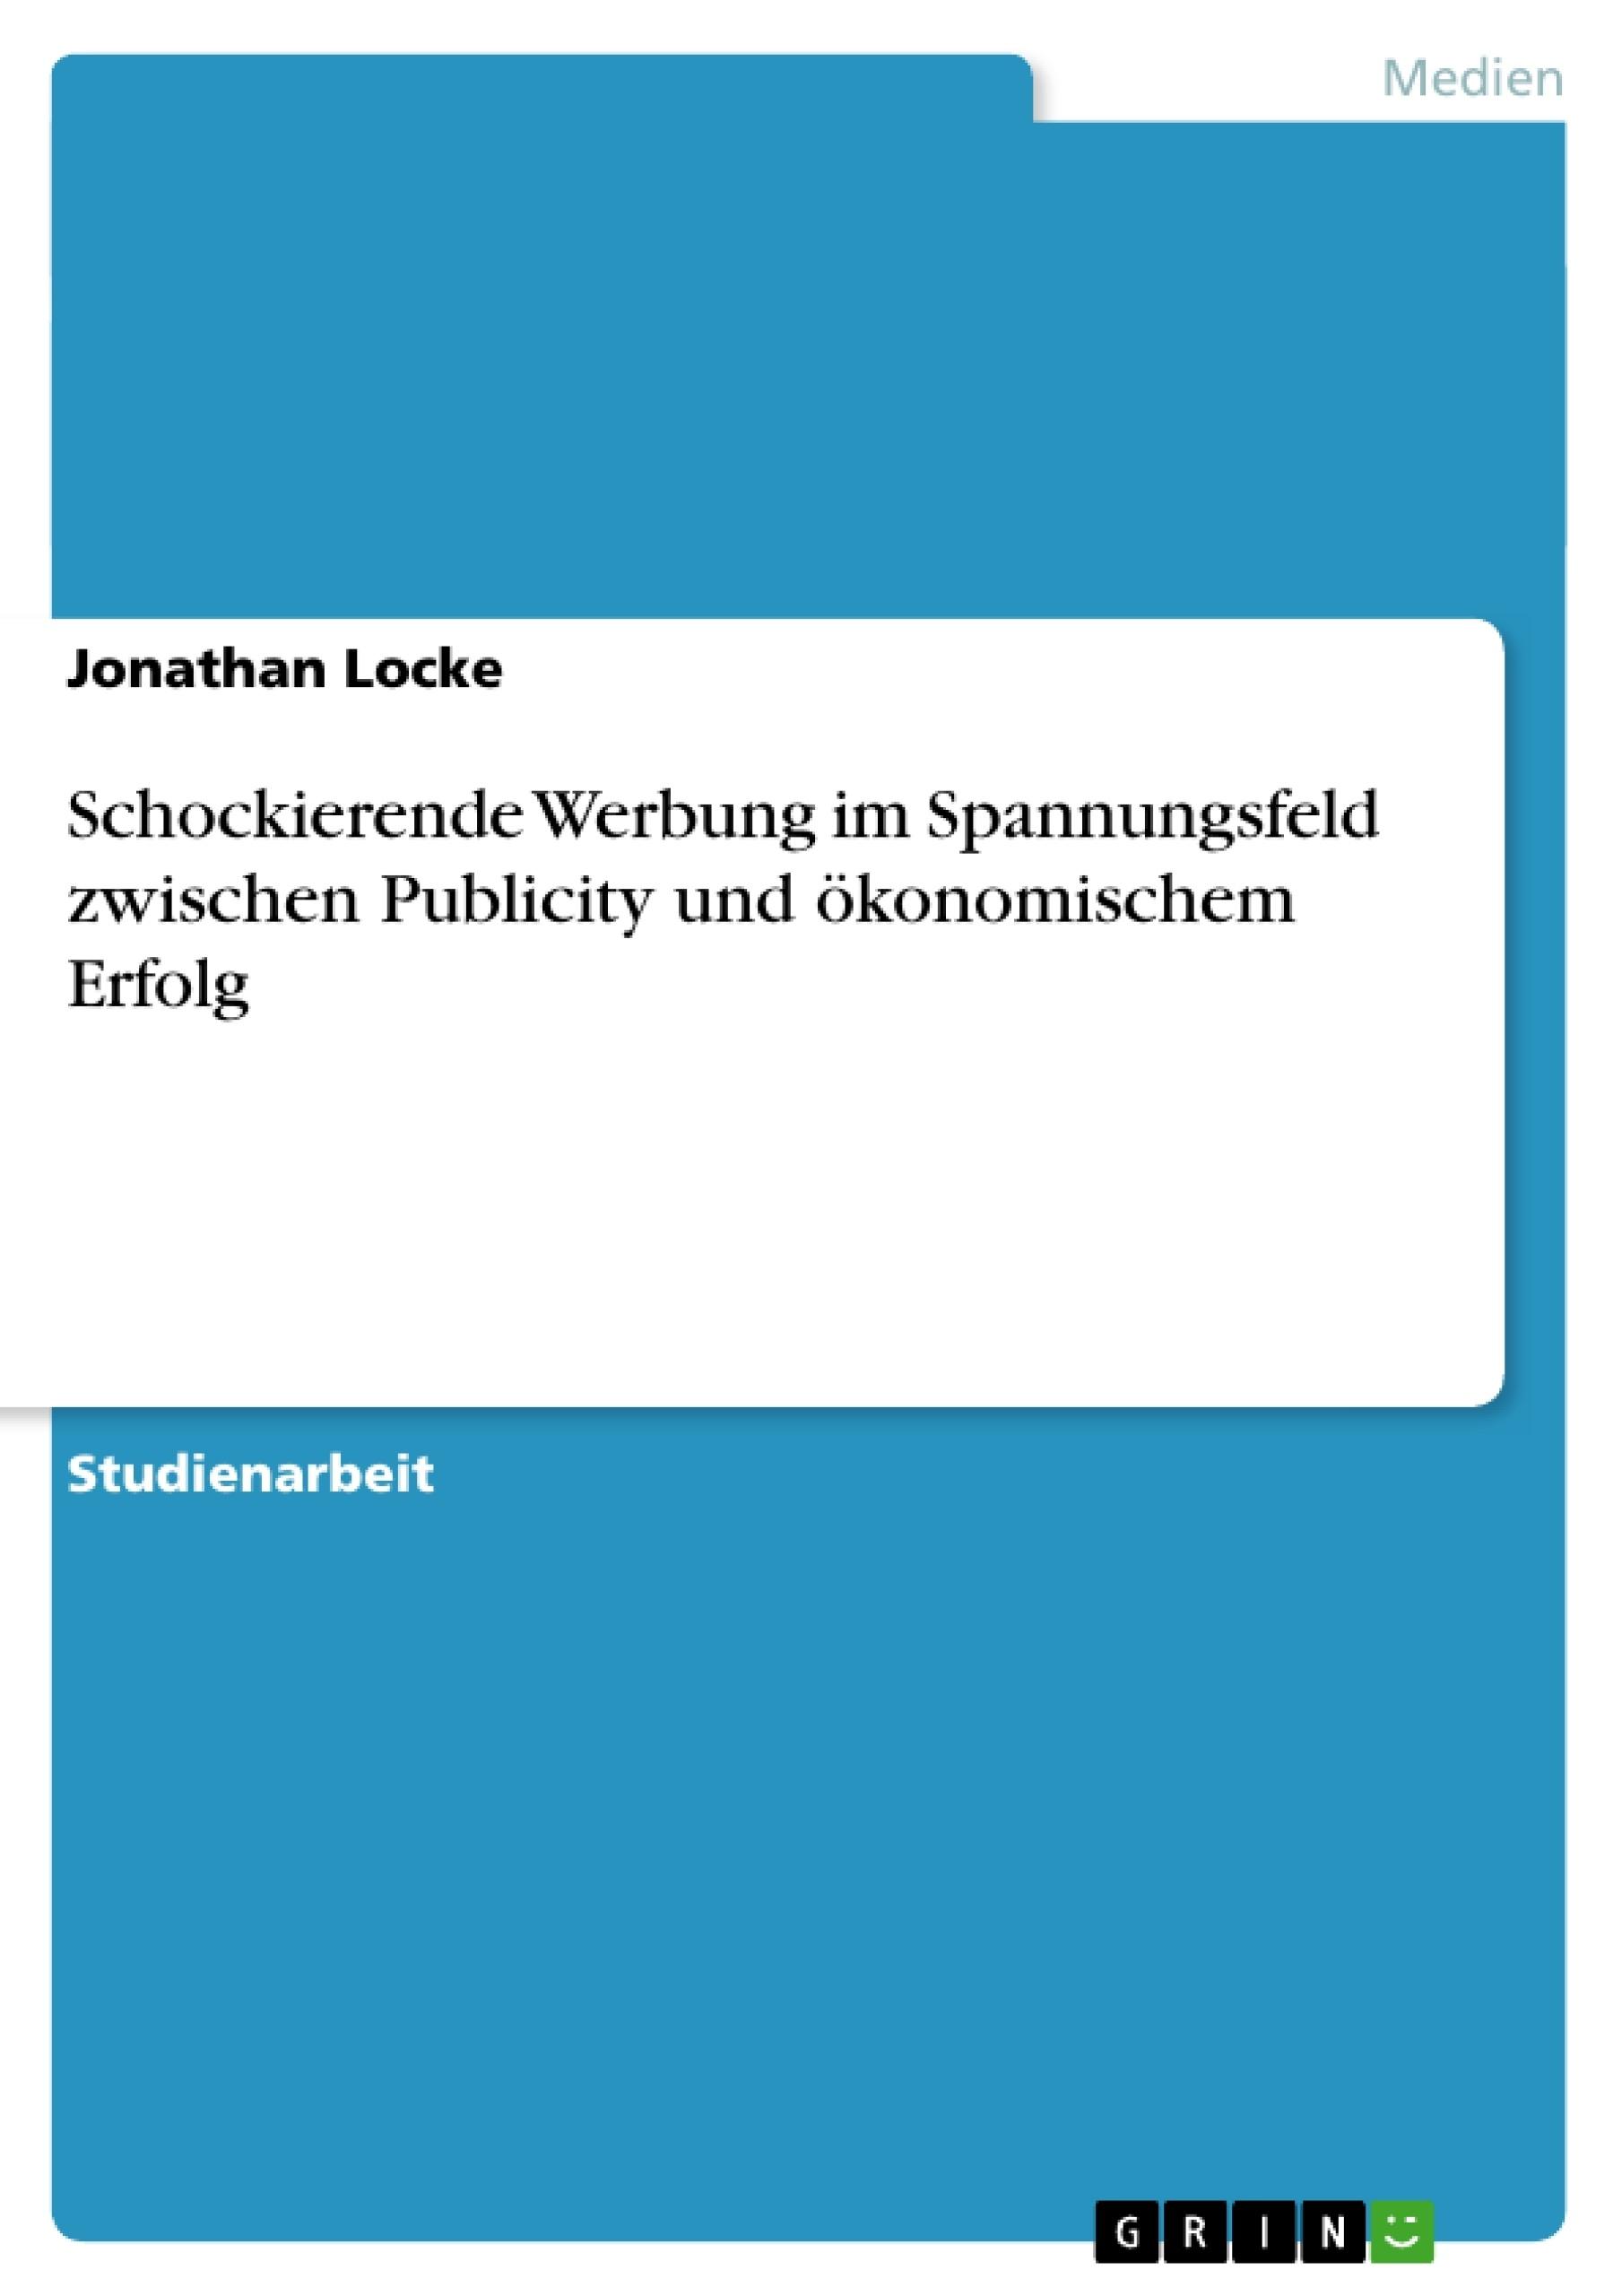 Titel: Schockierende Werbung im Spannungsfeld zwischen Publicity und ökonomischem Erfolg